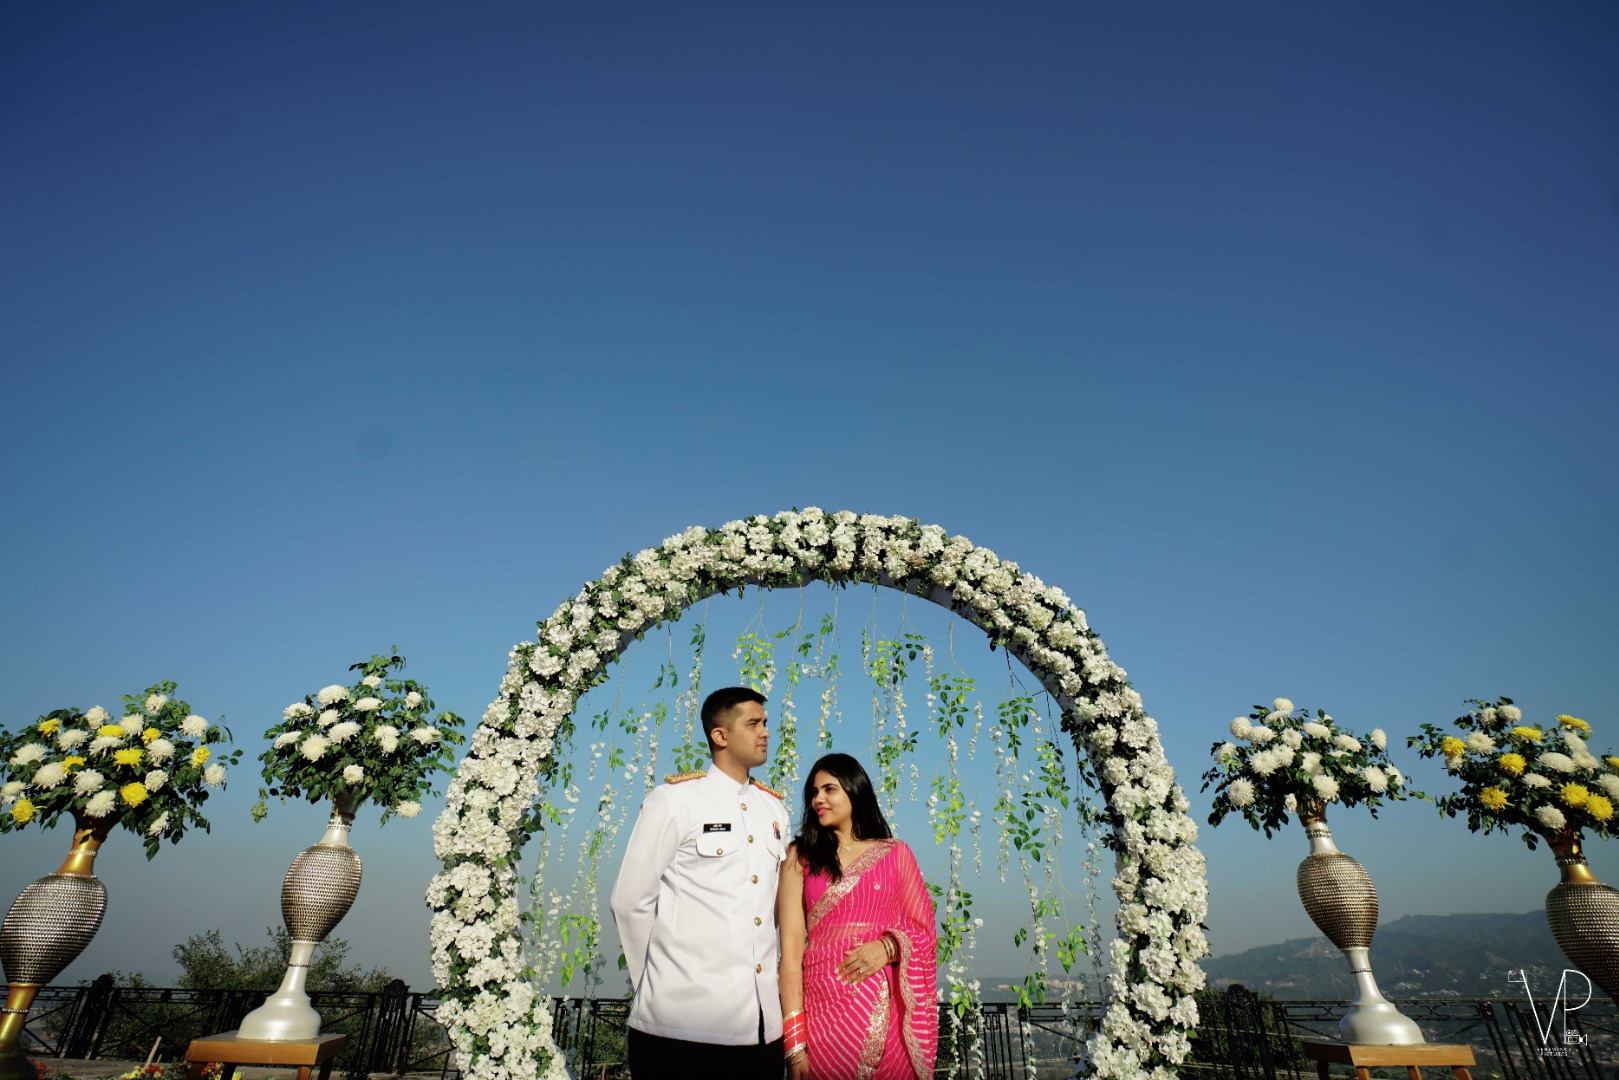 Floral Outdoor Wedding Decor Ideas